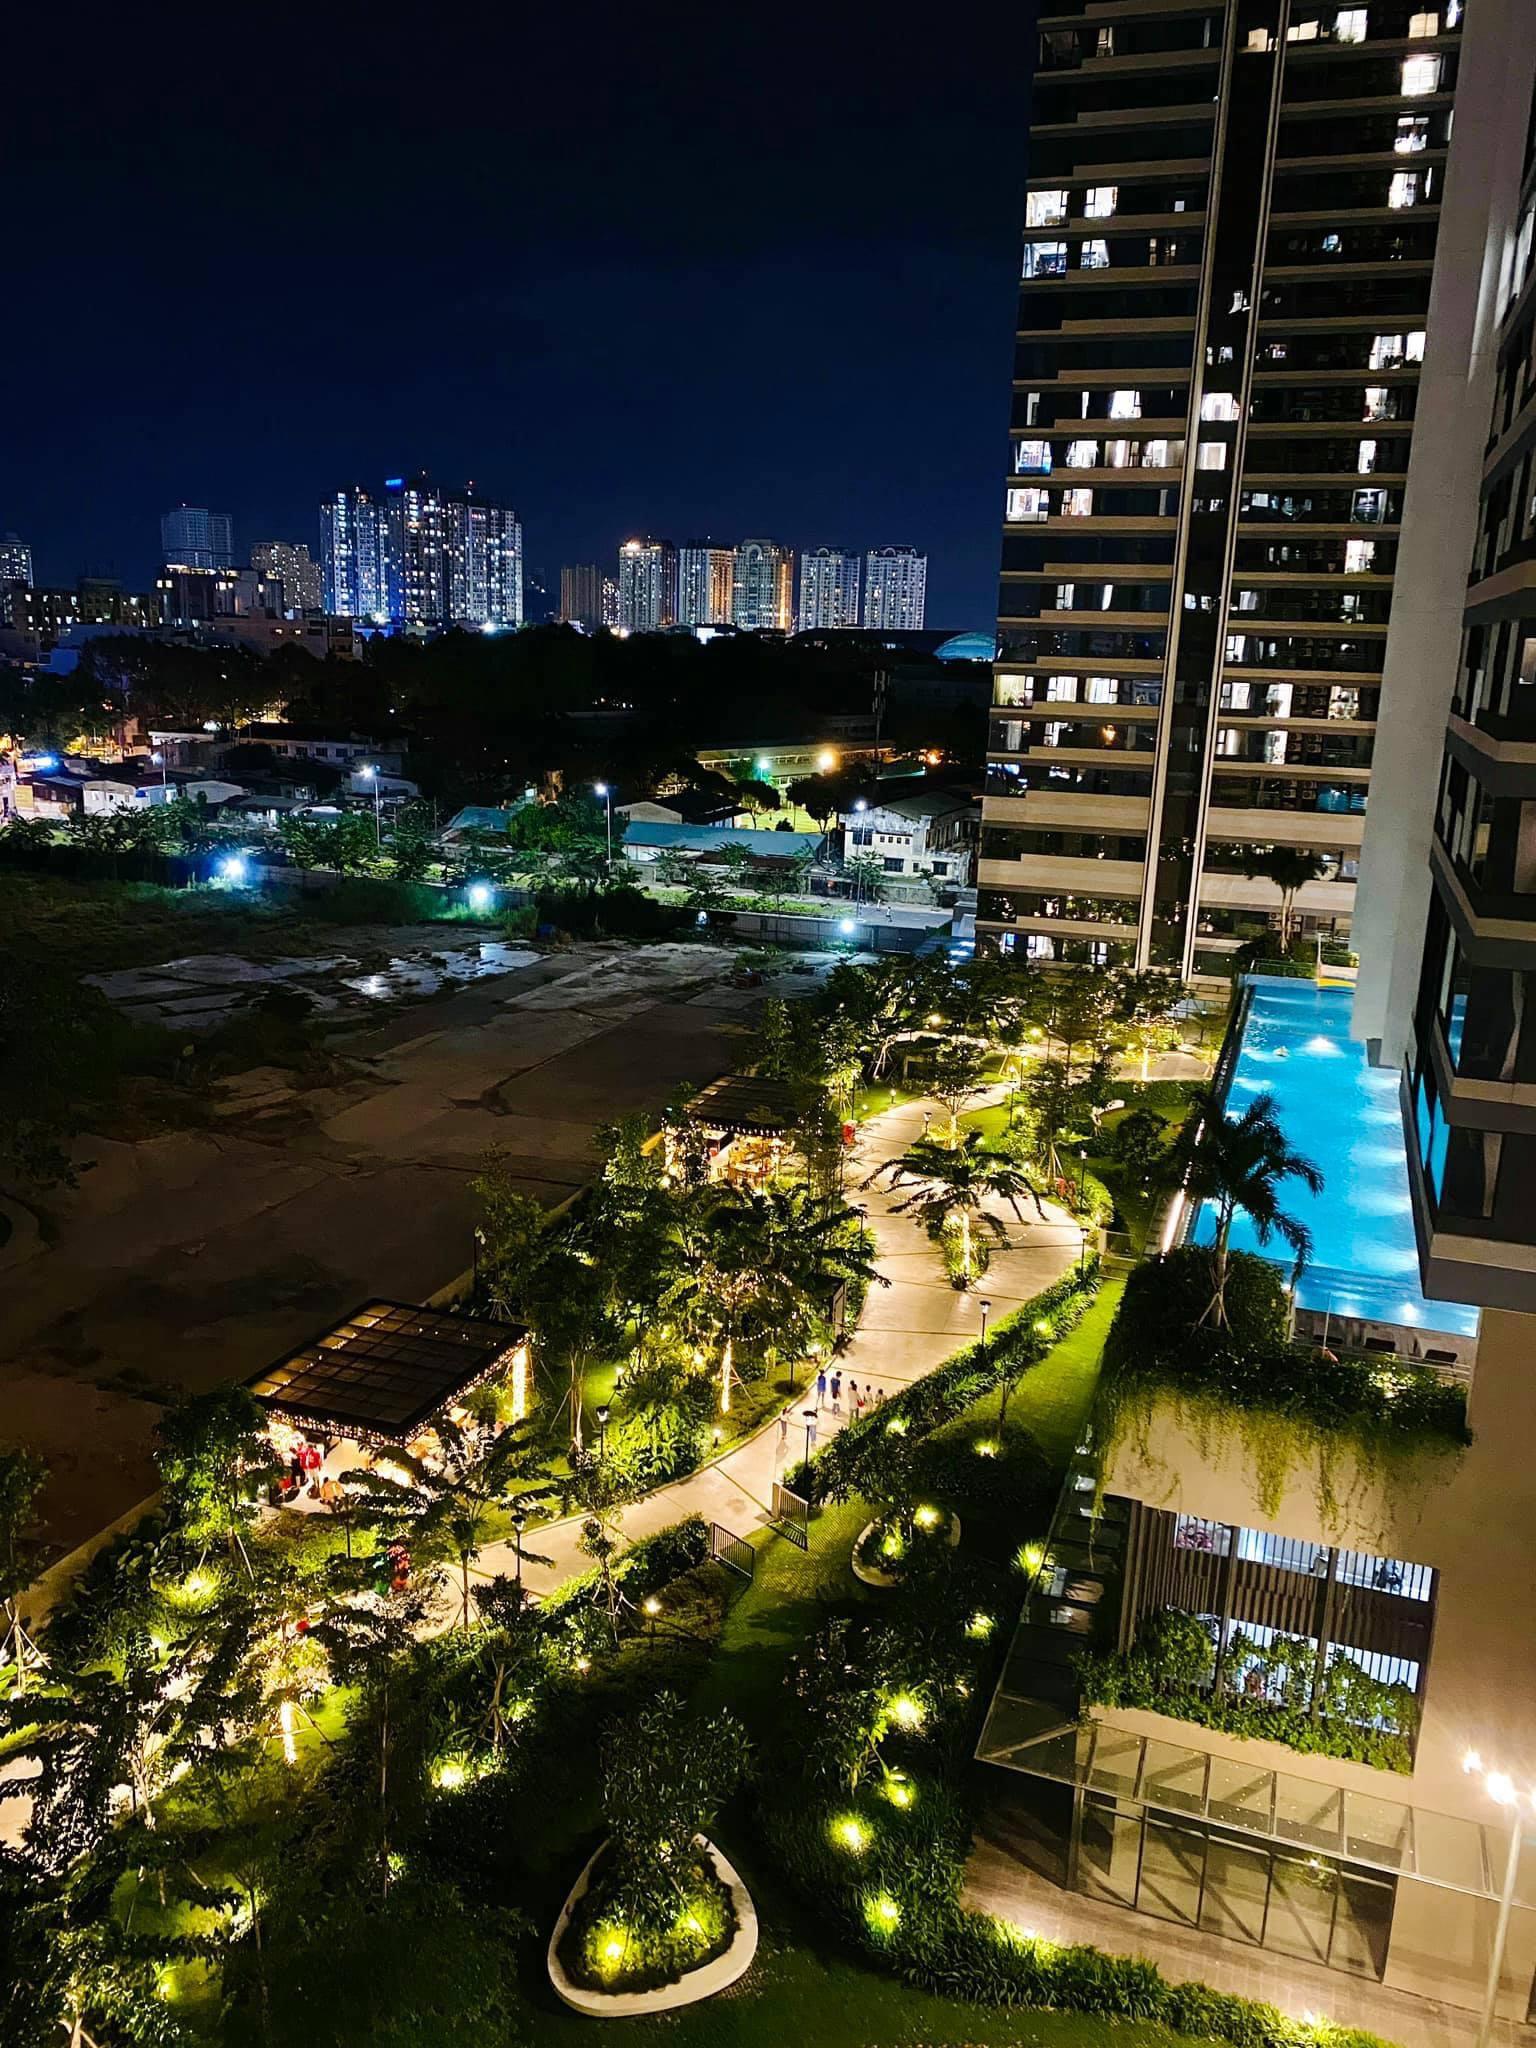 Hình thực tiện ích về đêm dự án căn hộ Kingdom 101 Quận 10